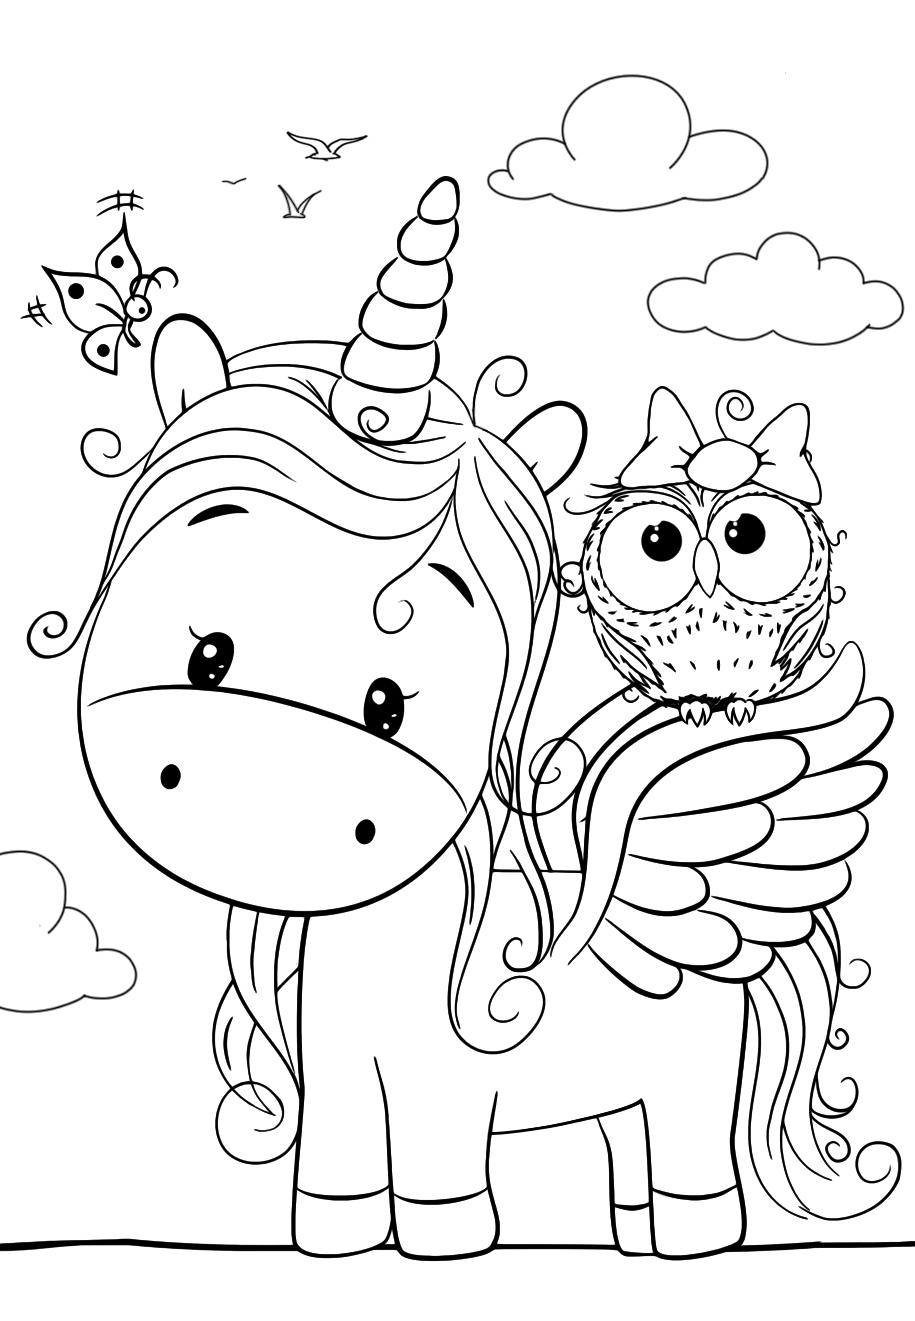 Cute Unicorn with an owl